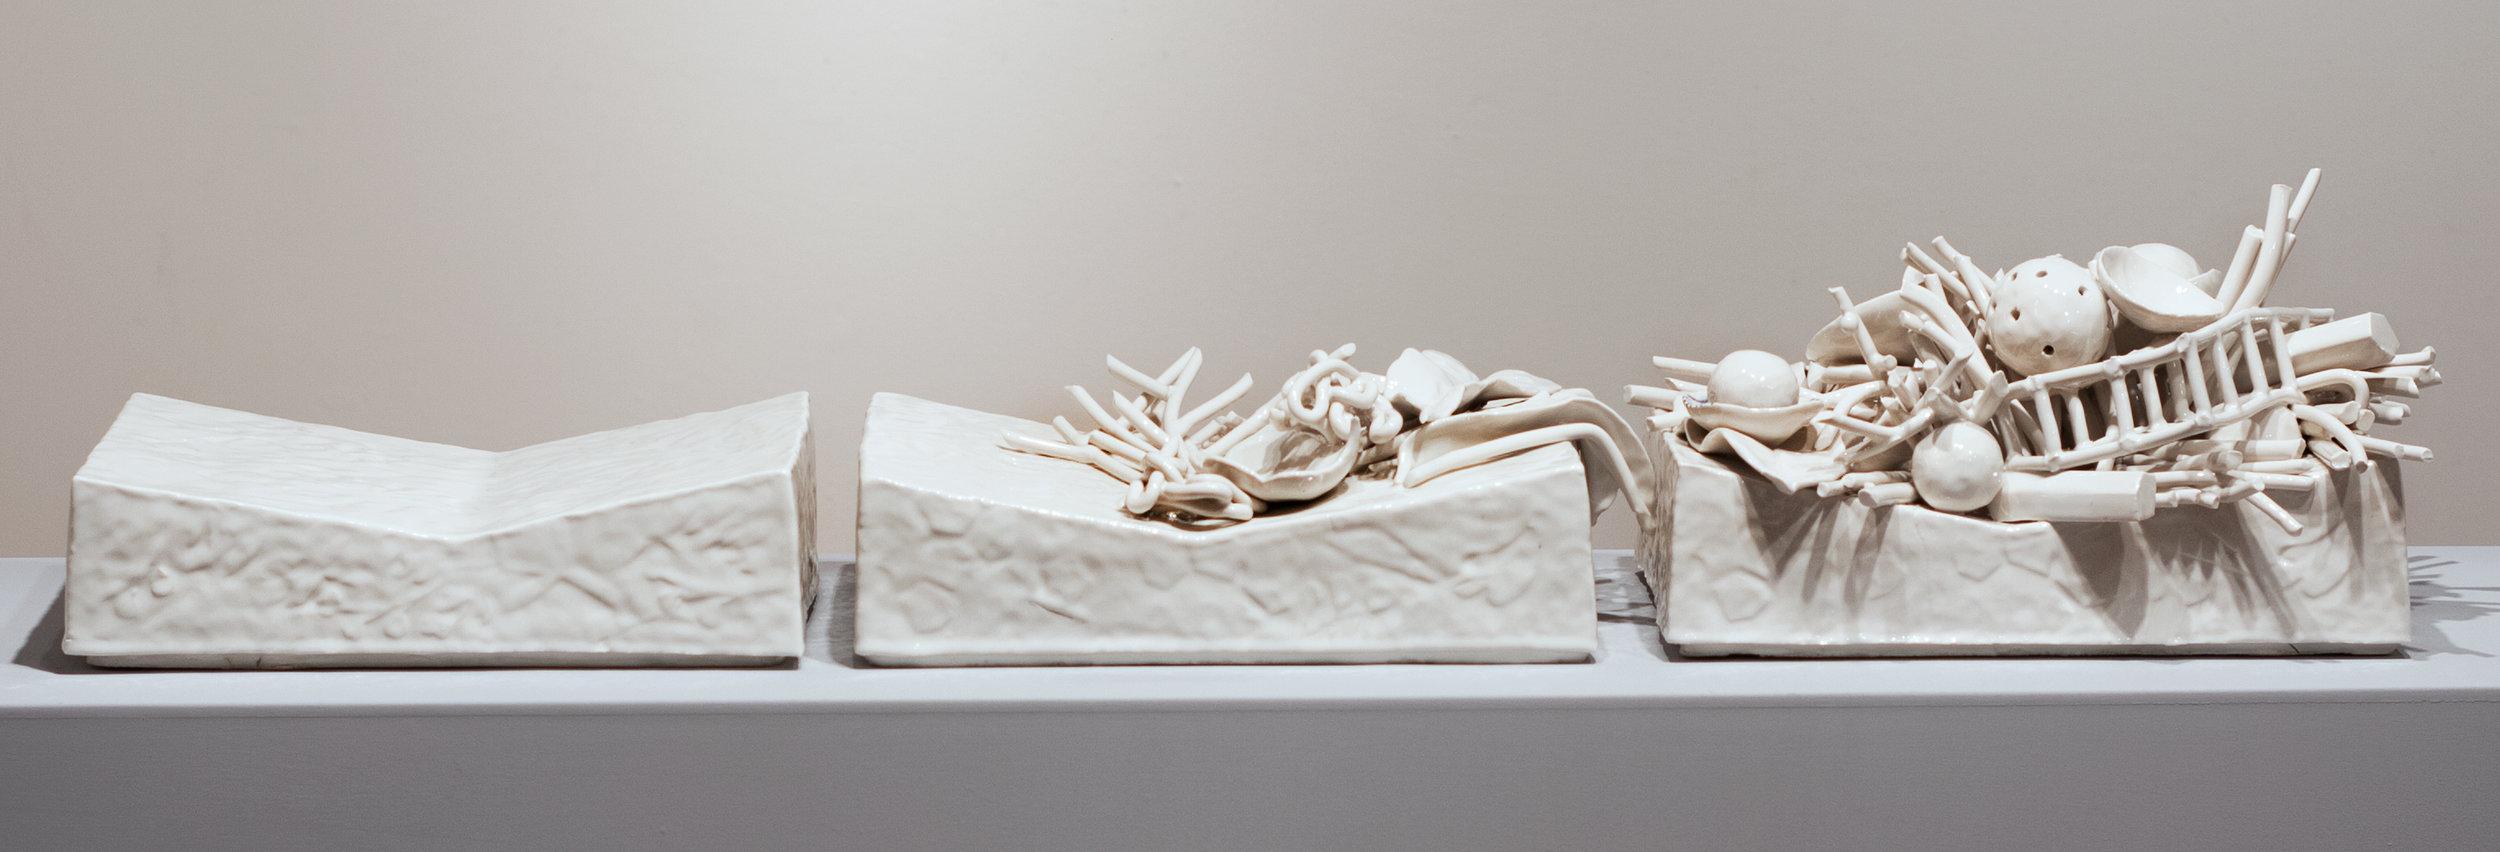 sculpture18.jpg